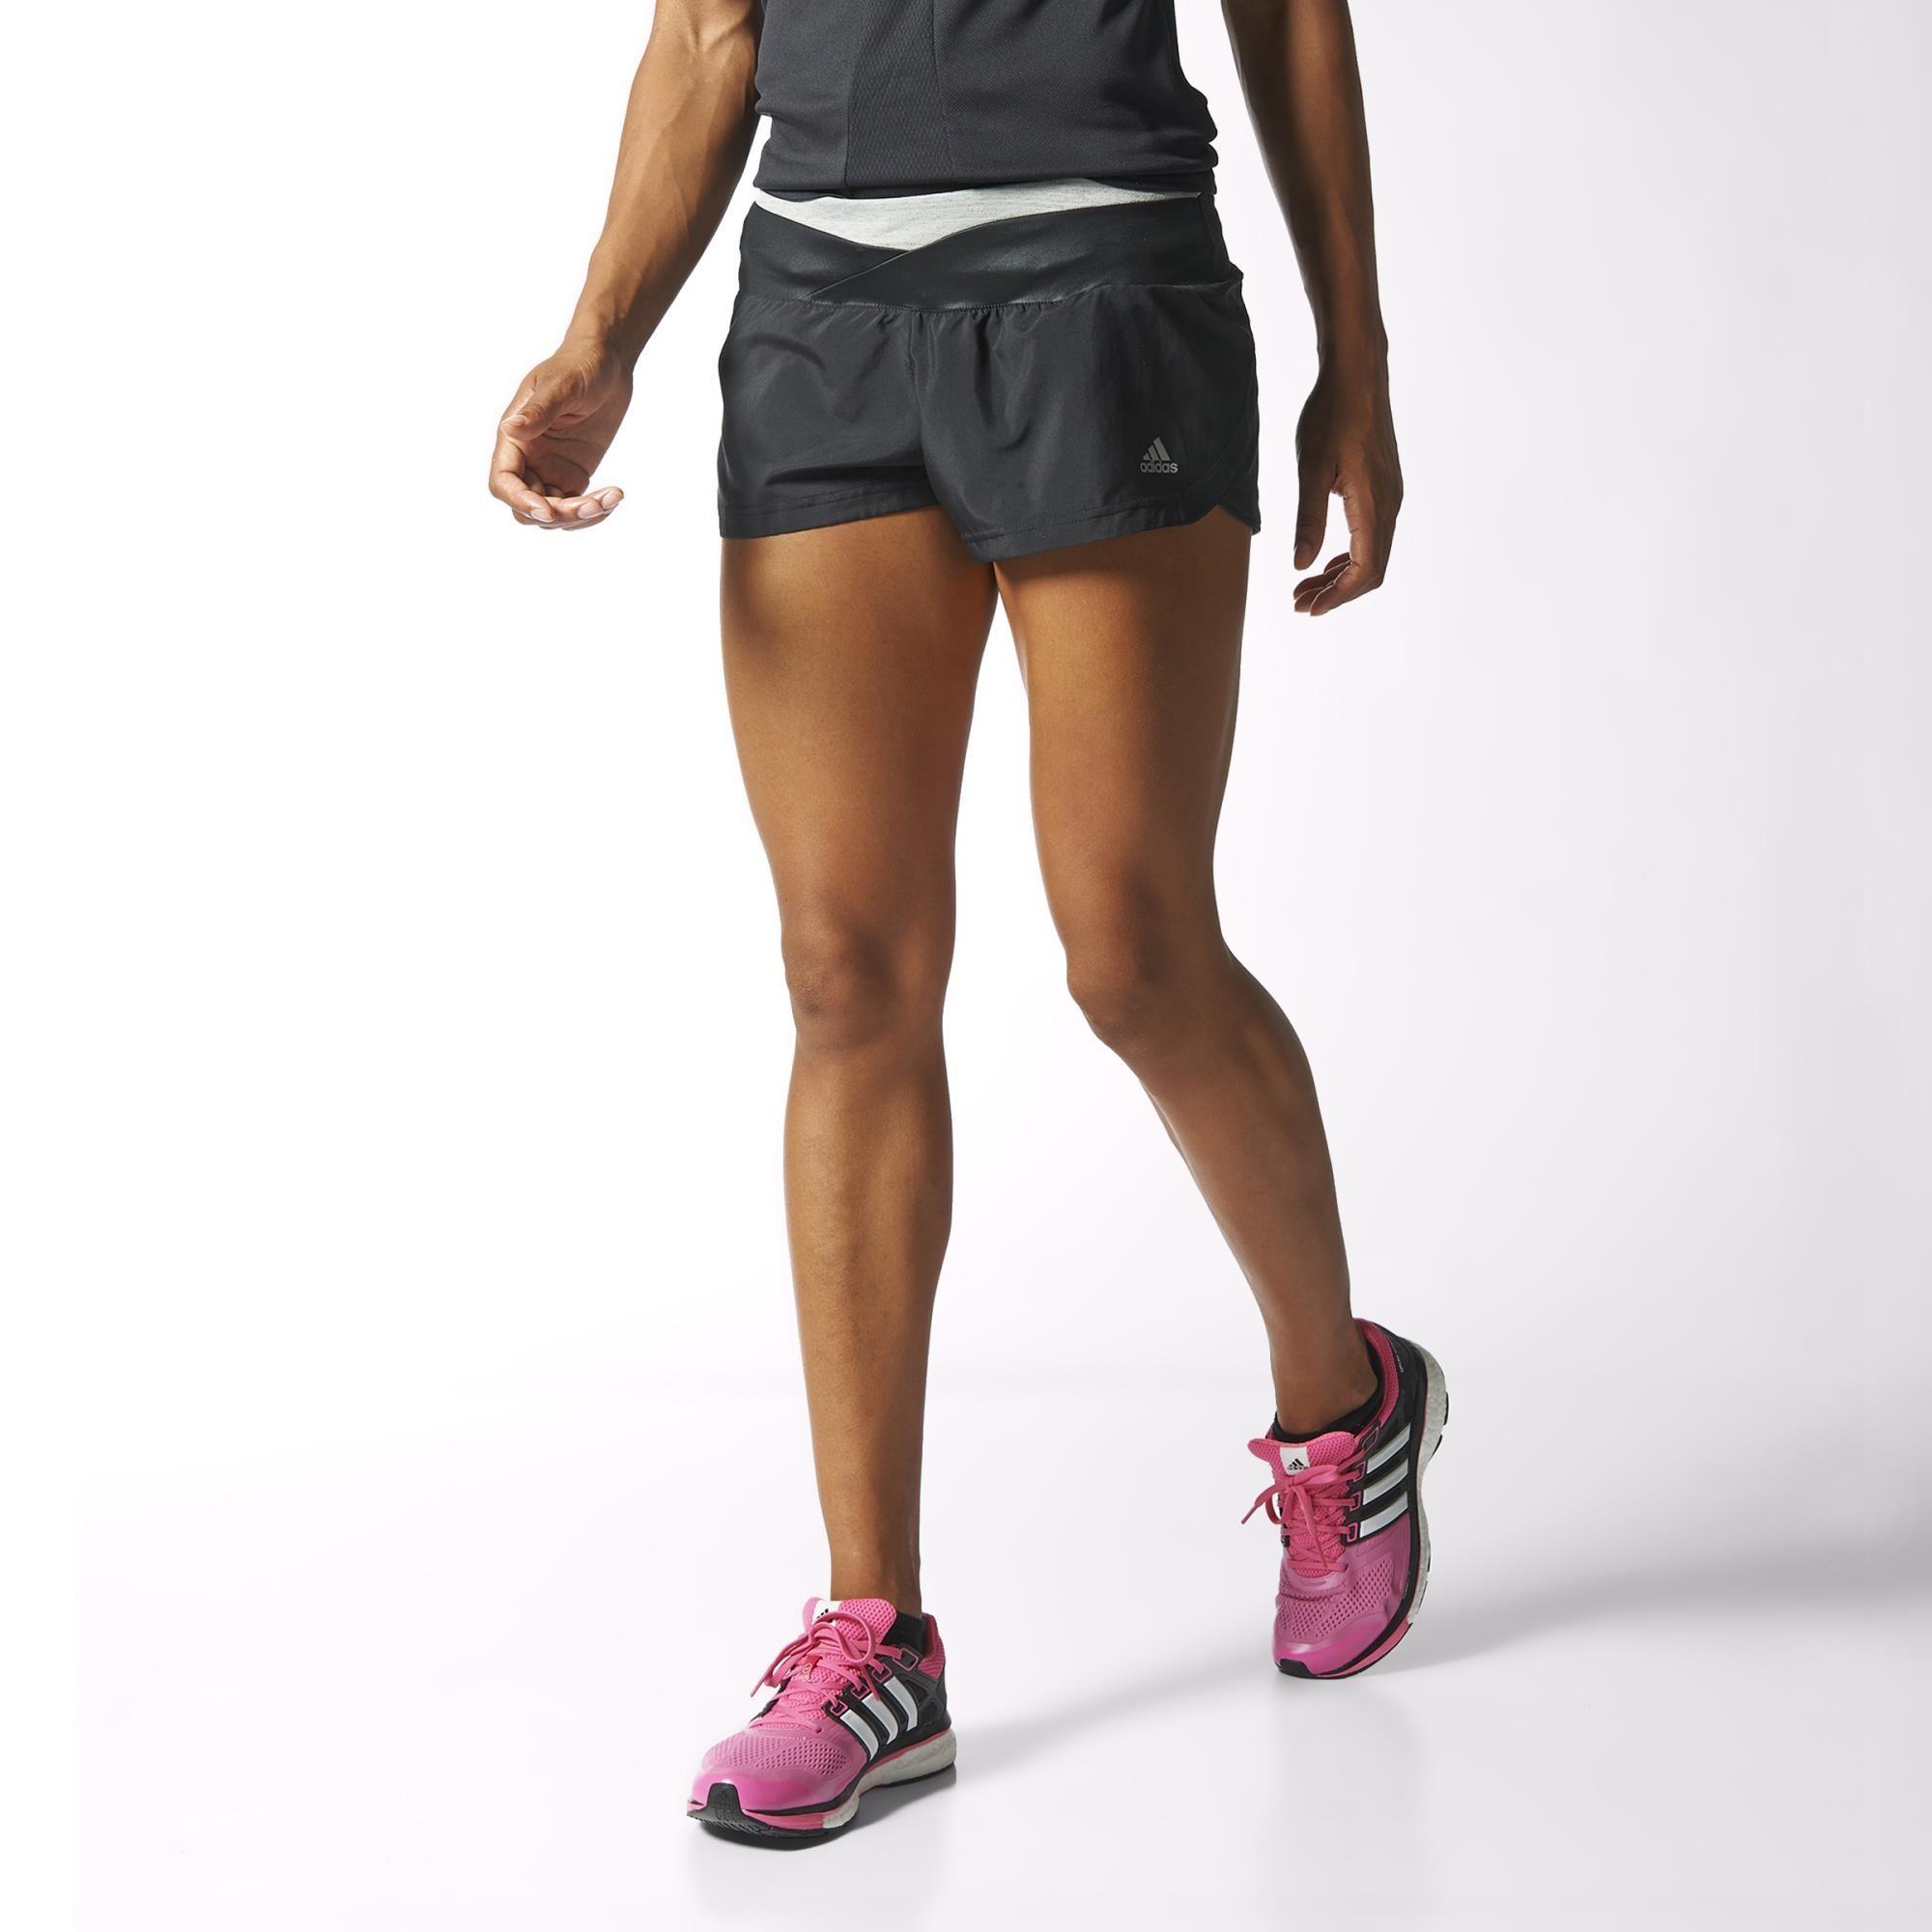 deficiencia En general roble  Short de running mujer Supernova Glide, Adidas